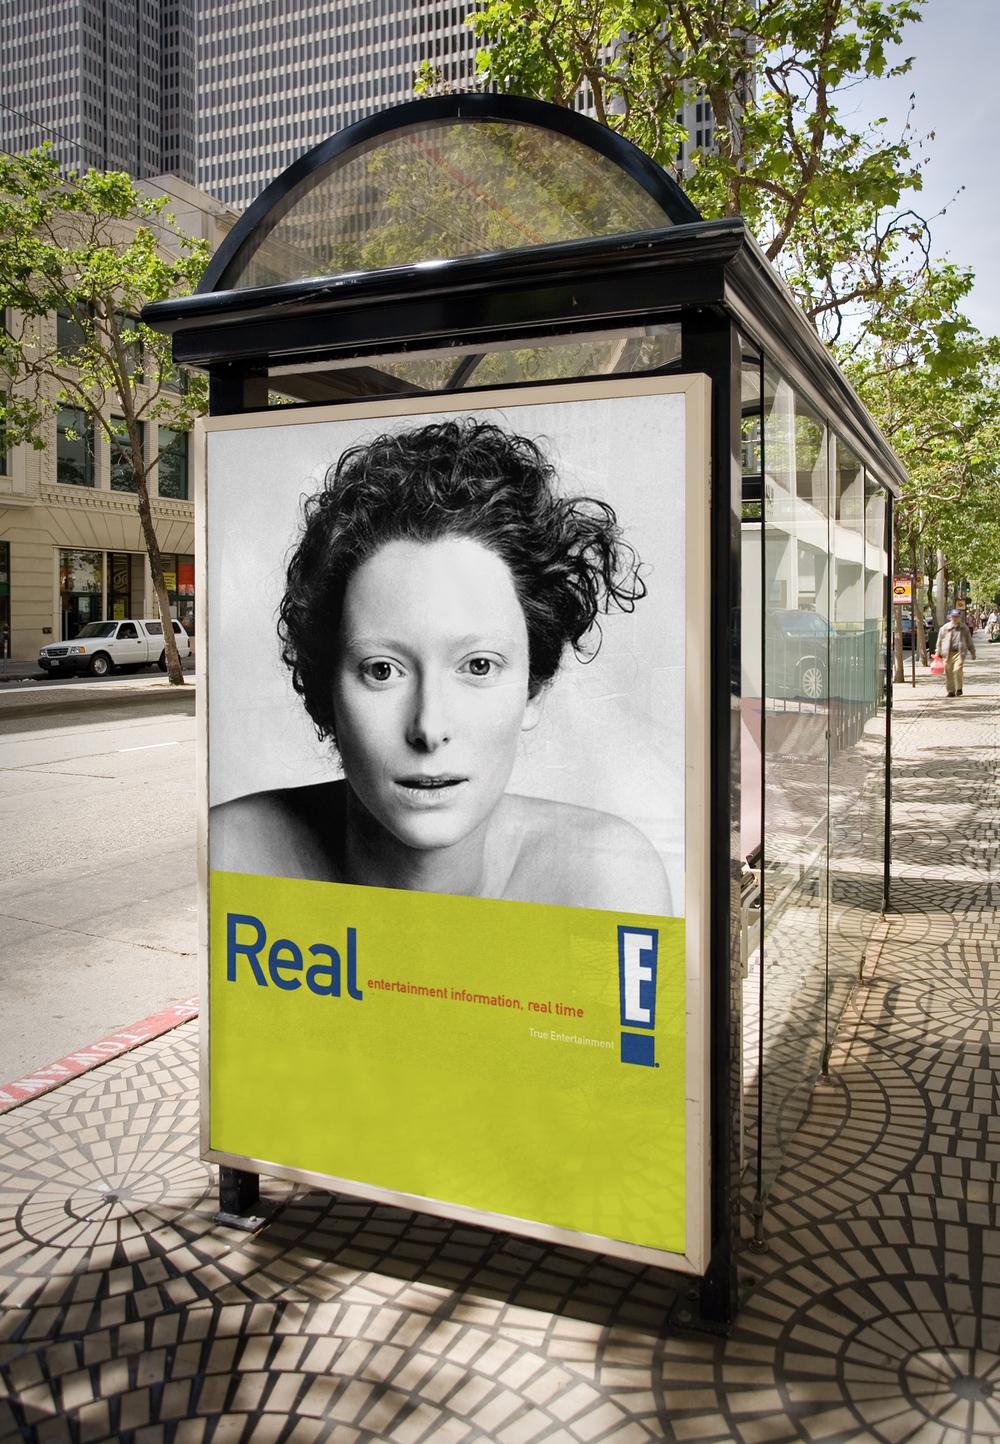 E_Poster.jpg